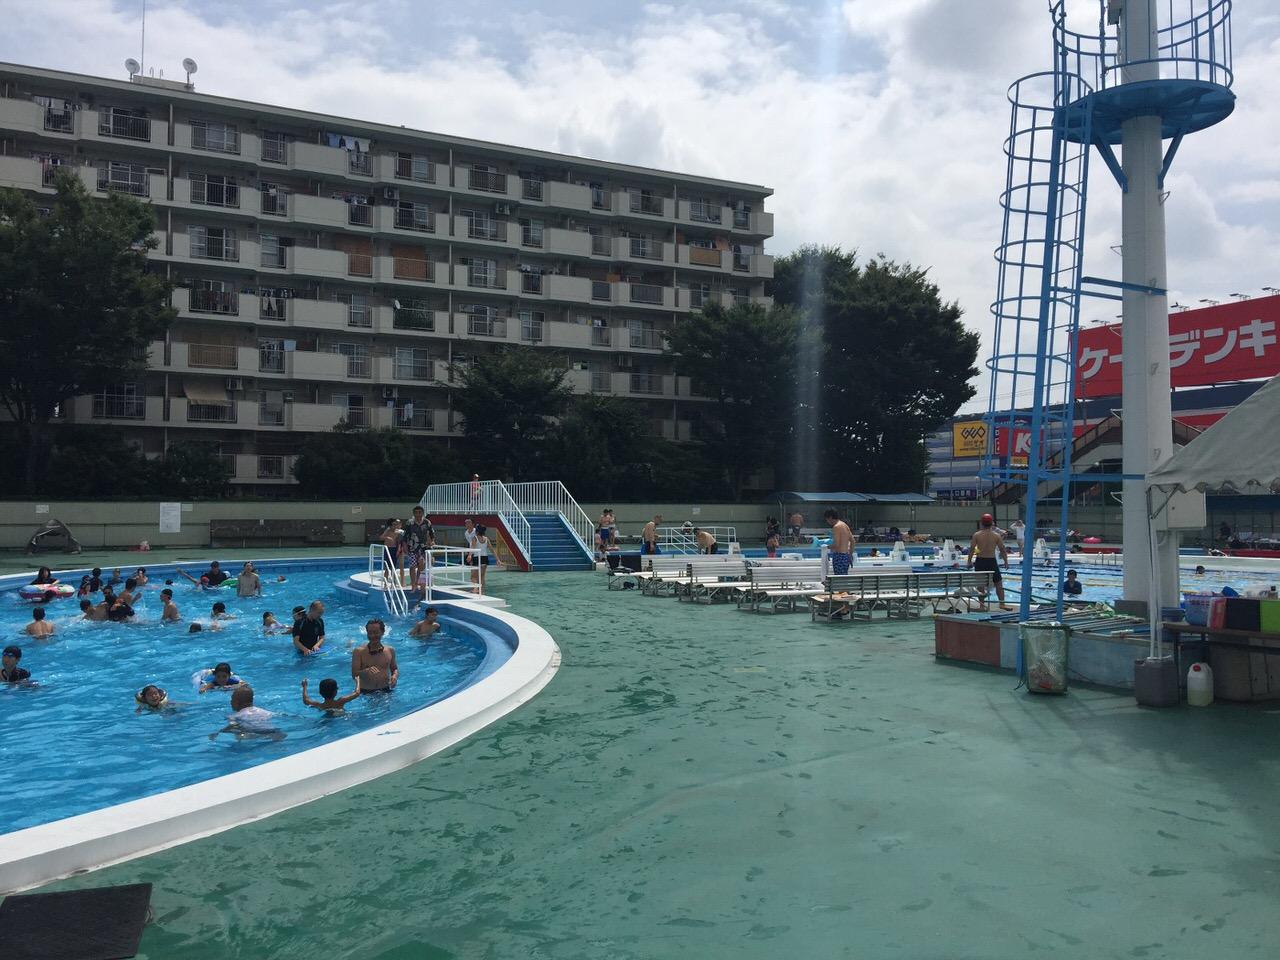 Harayama pool 6050